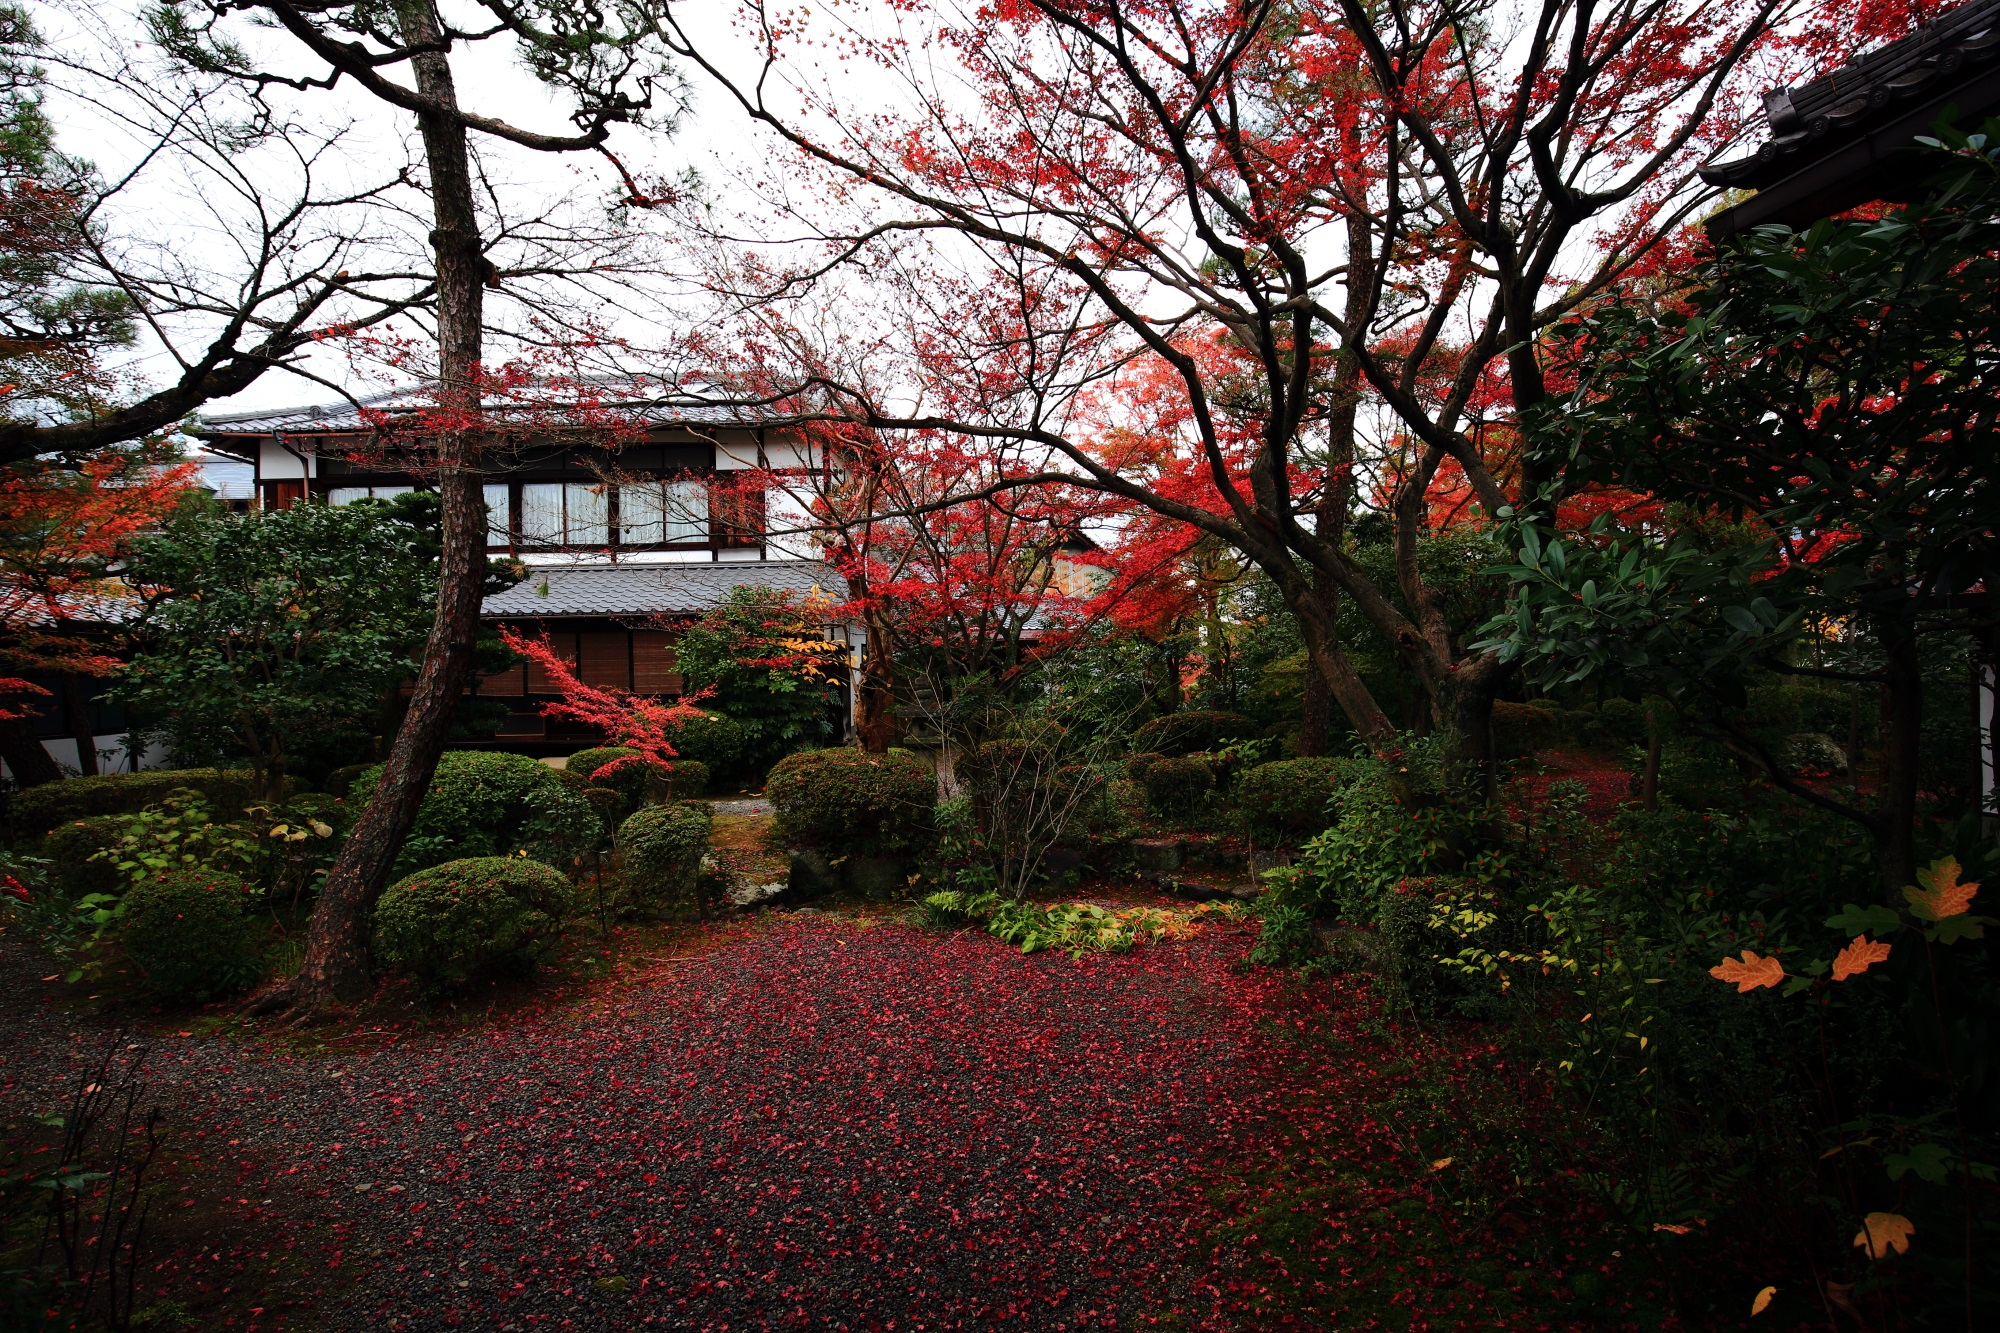 廬山寺の中庭の紅葉と散りもみじ